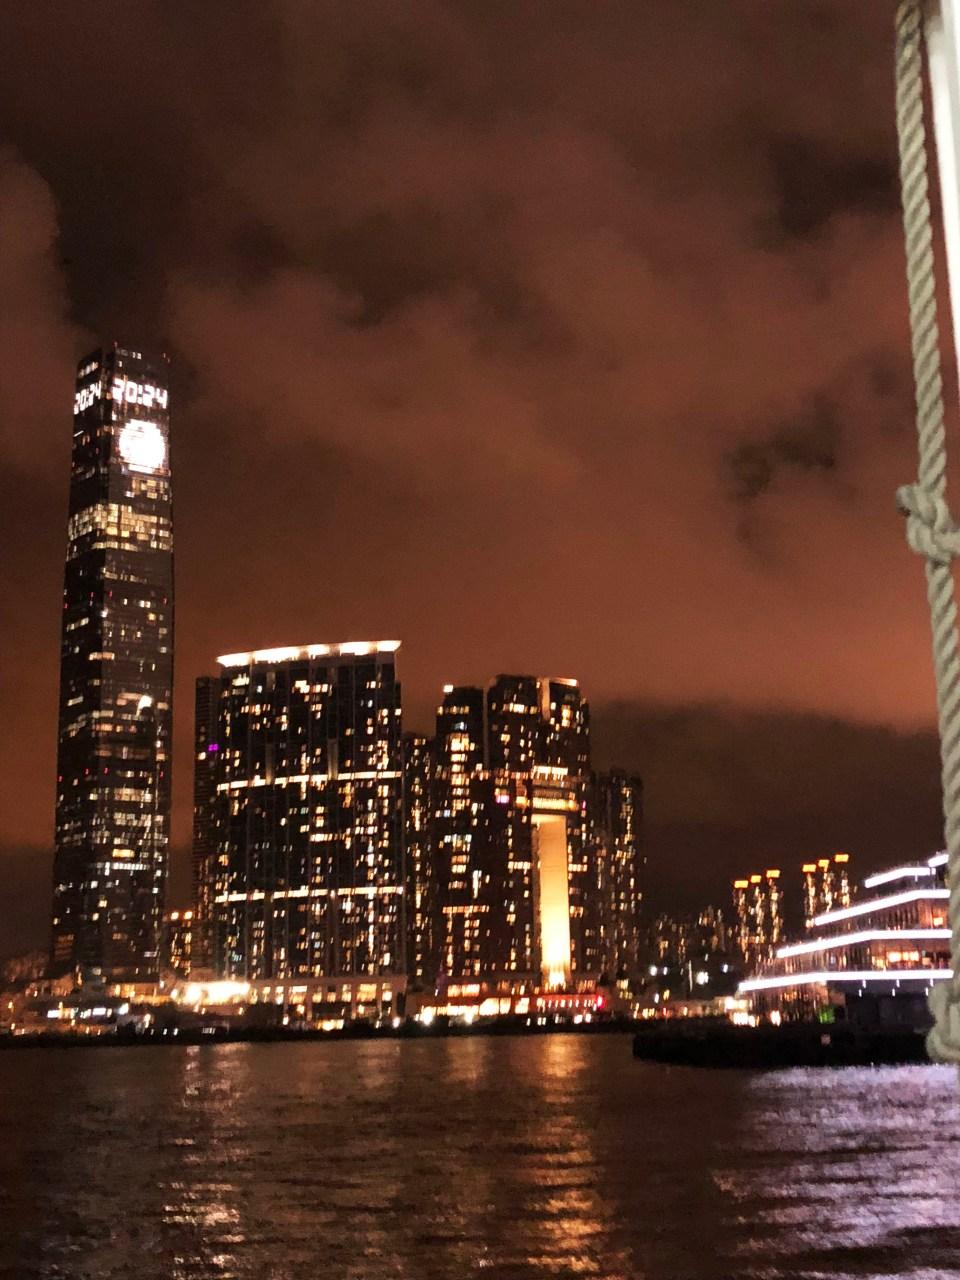 Kowloon - night